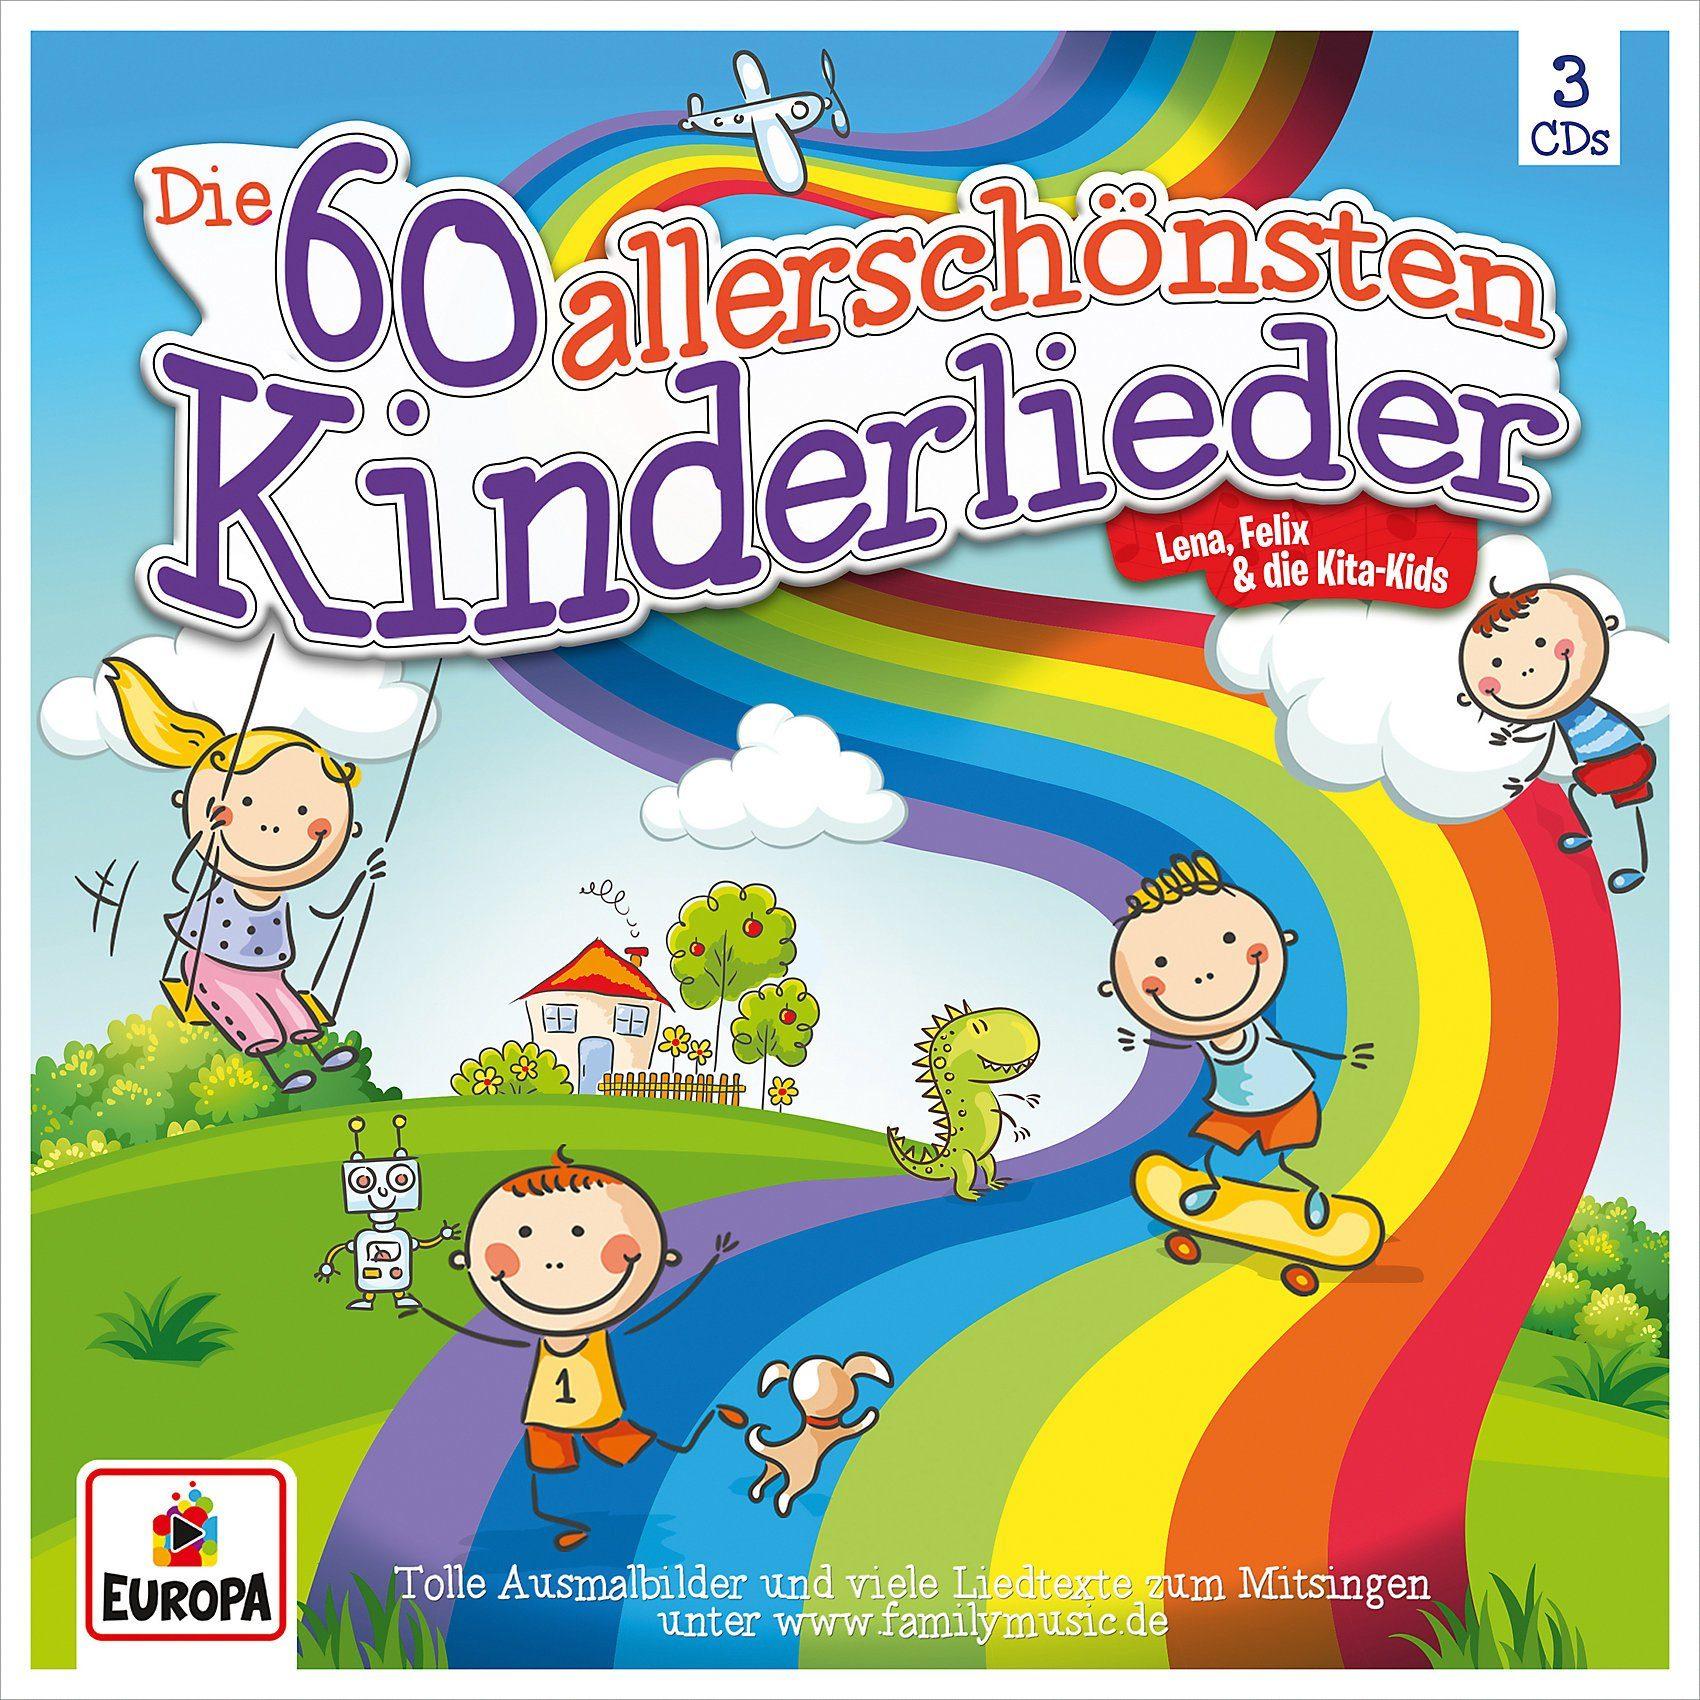 Sony CD Die 60 allerschönsten Kinderlieder (3 CDs)